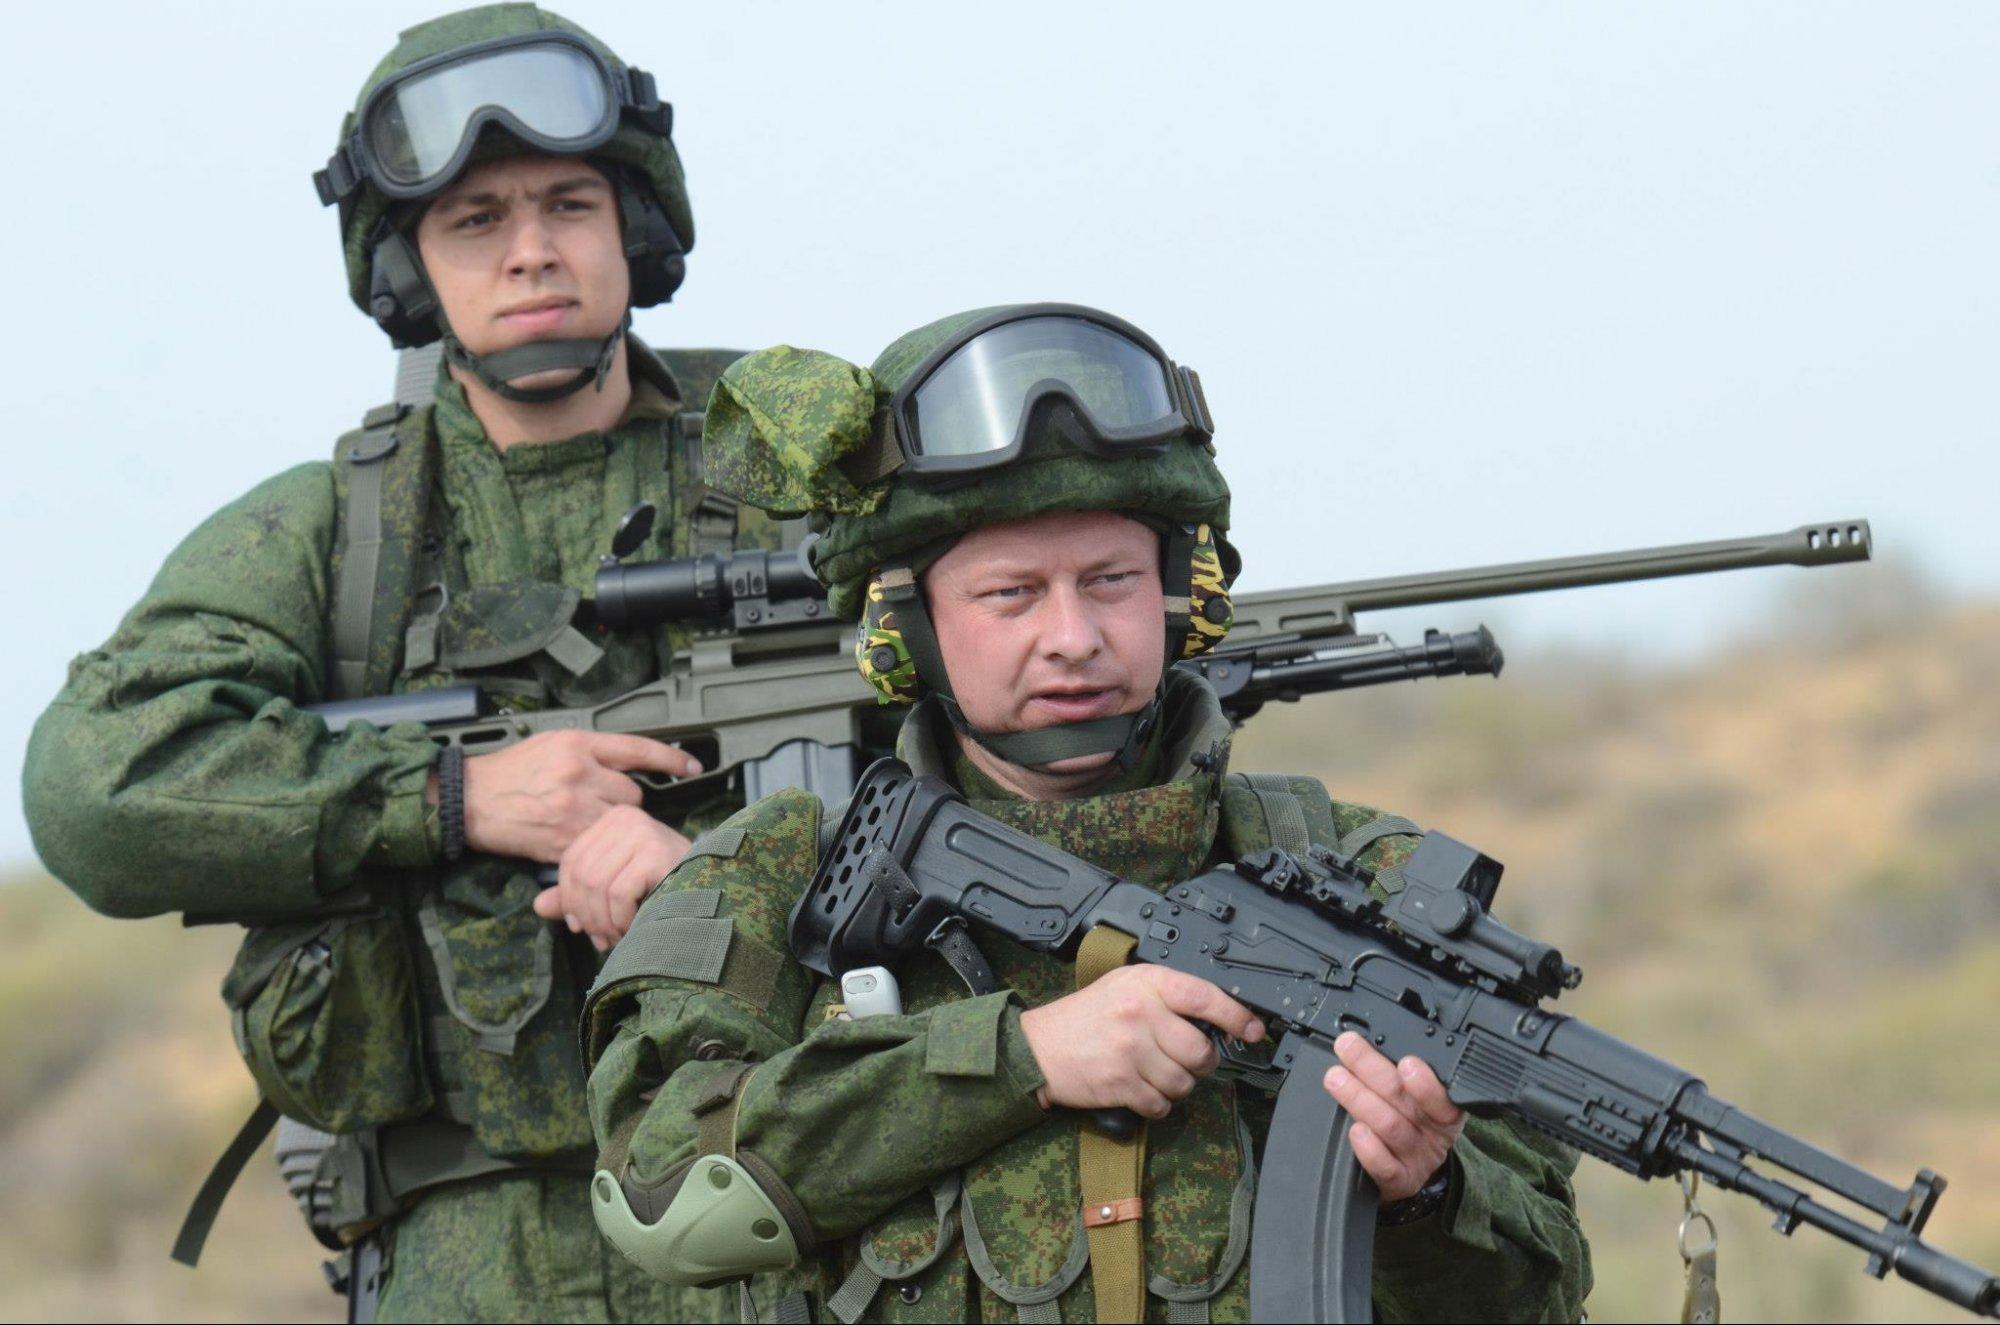 ИноСМИ: Восточная Украина - испытательный полигон для нового военного потенциала России